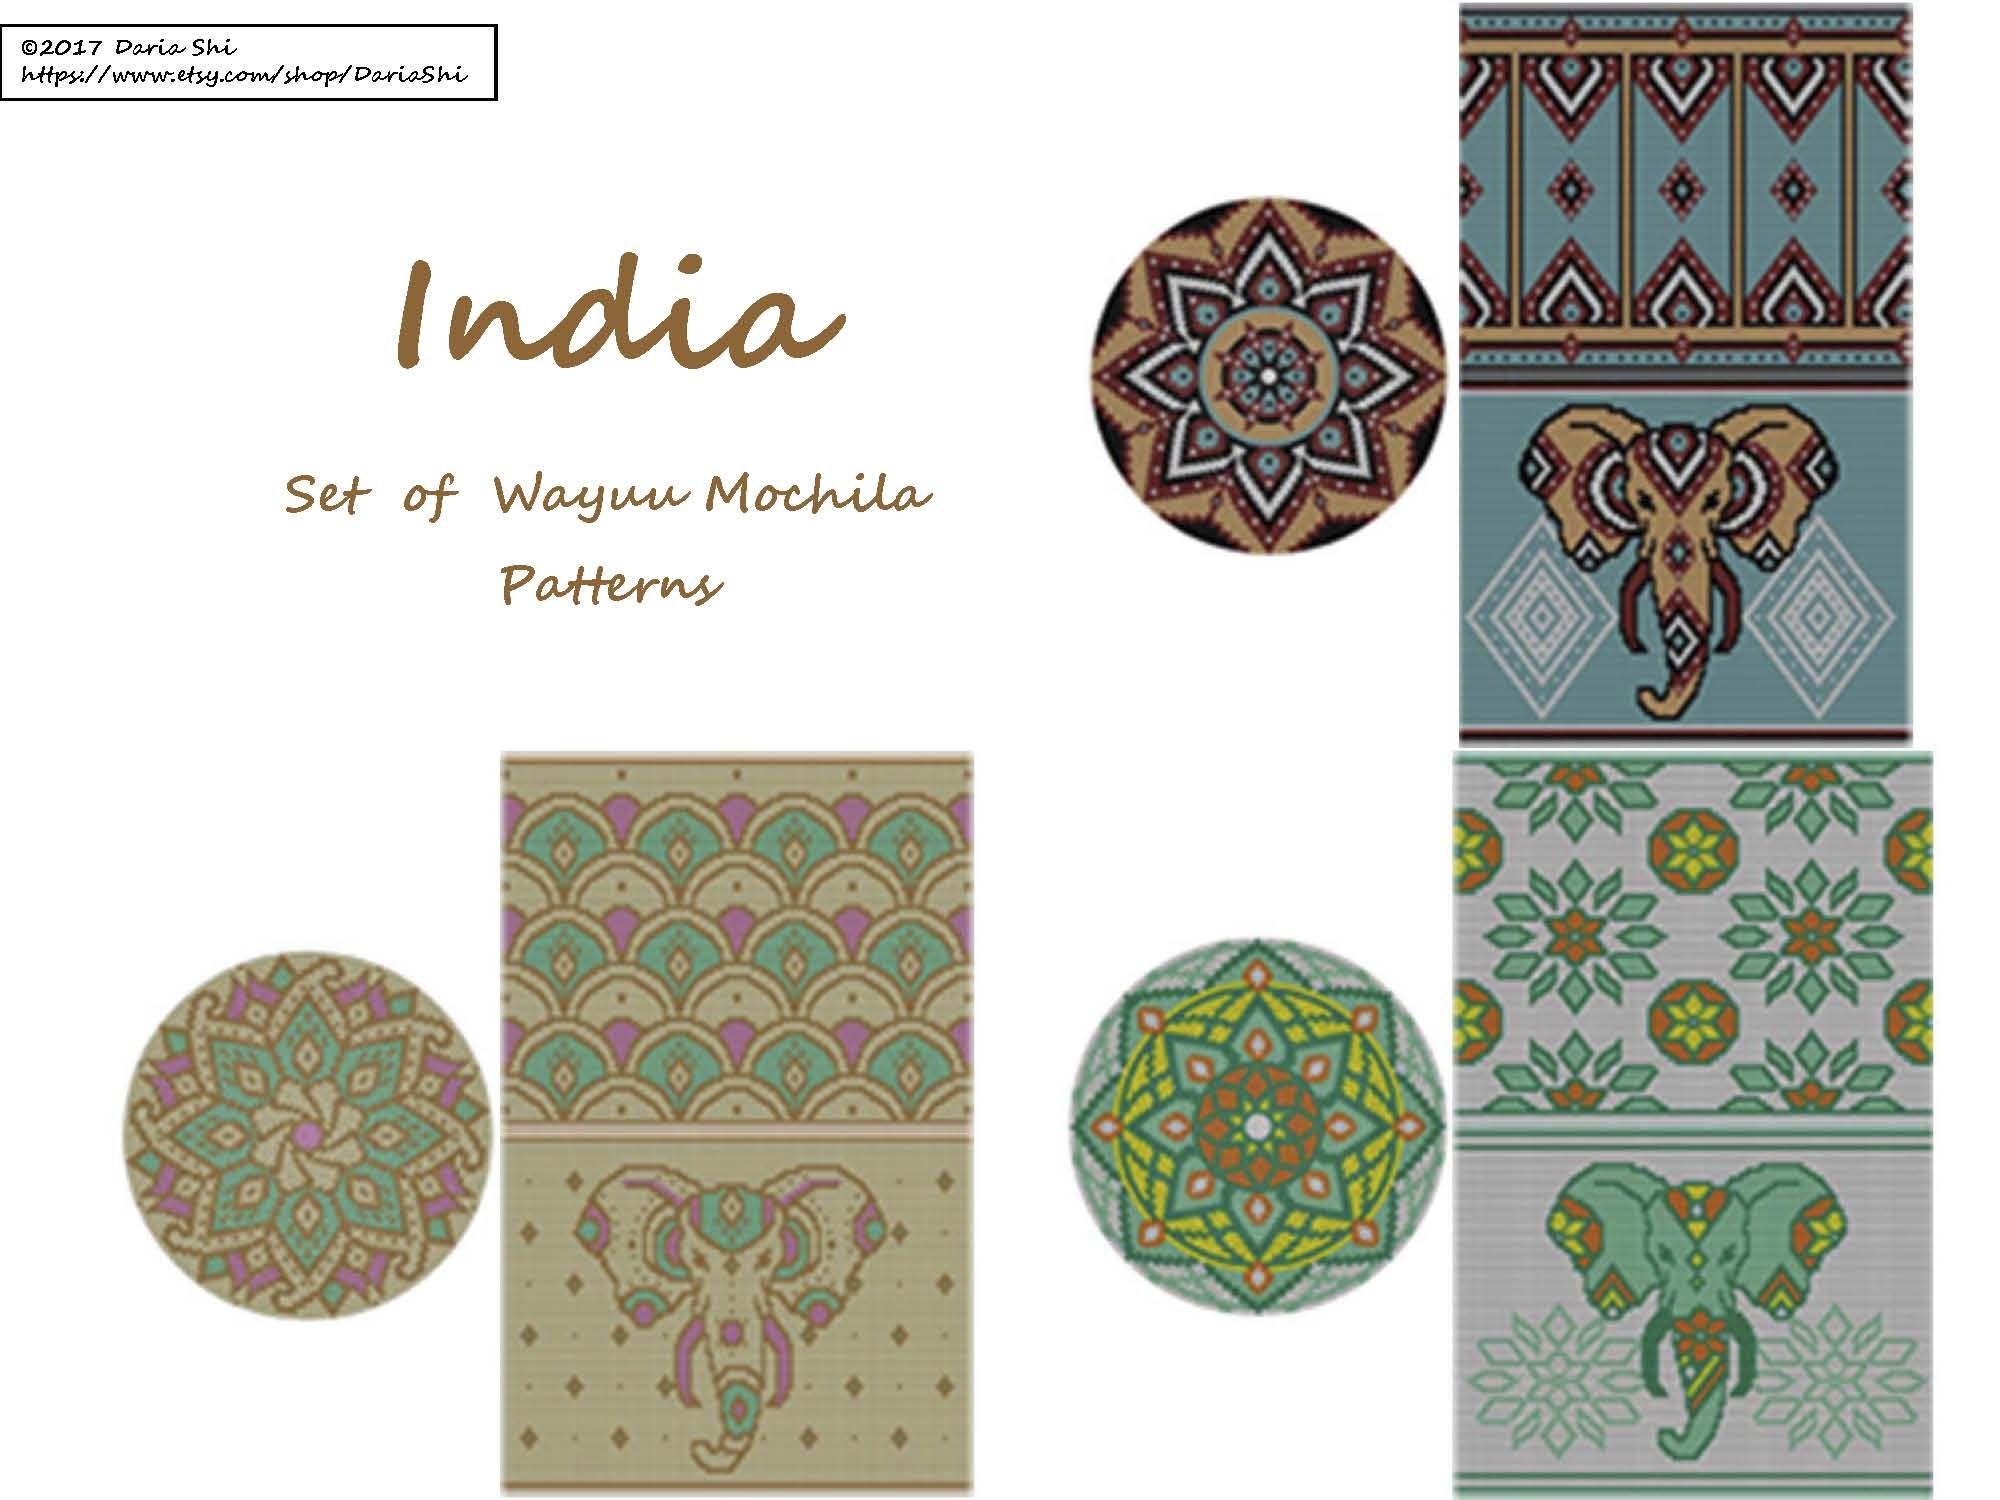 Mochila PatternIndia Wayuu Of Bag Patterns Set Pattern MzpUqVSG